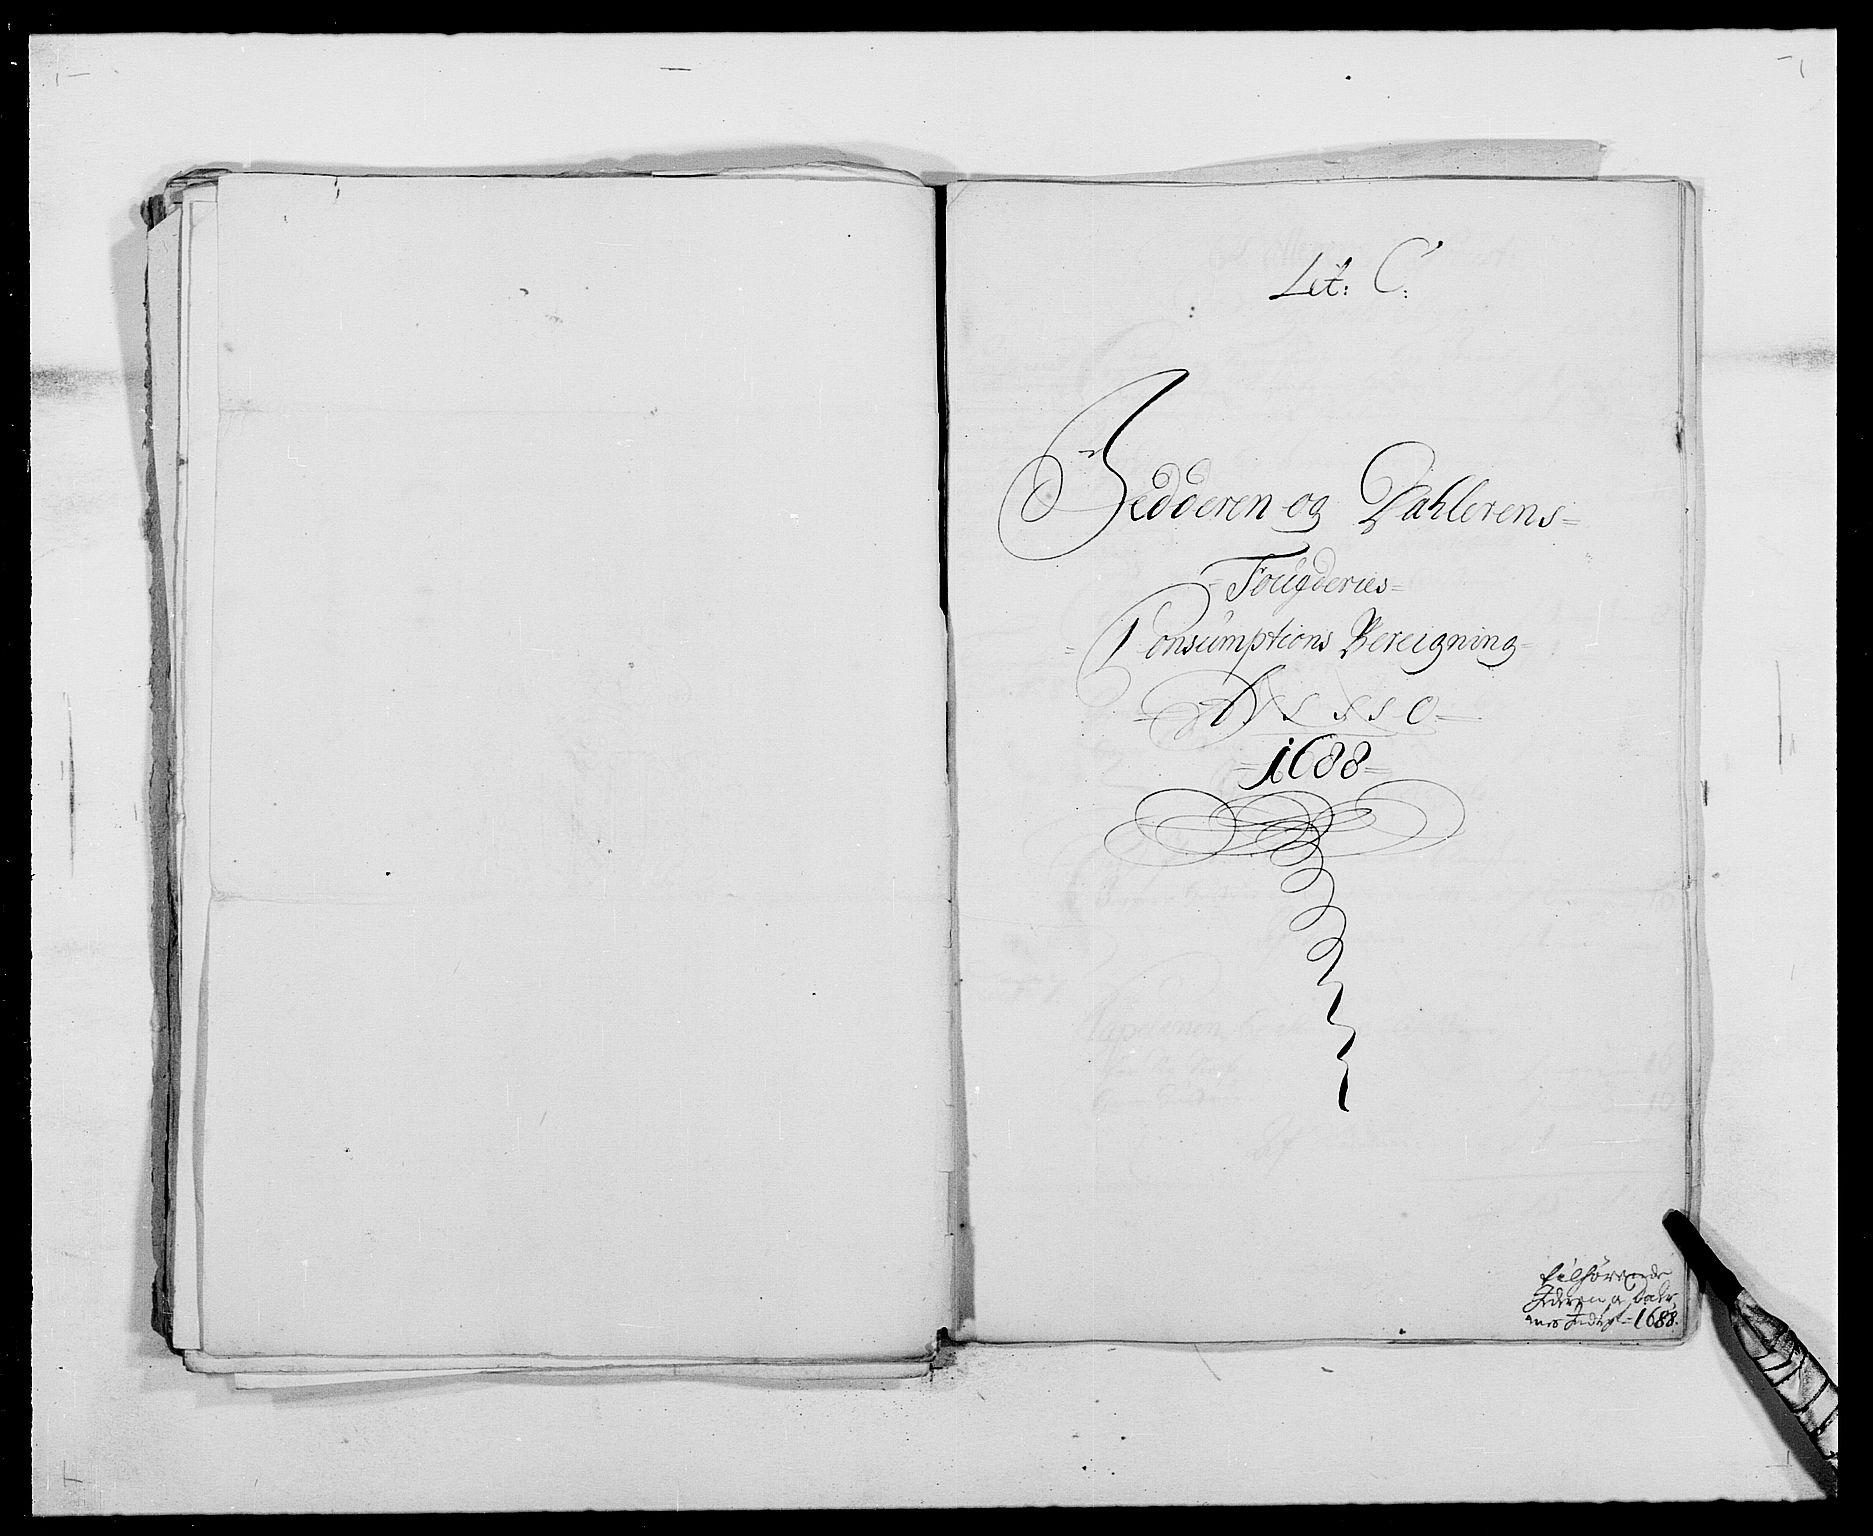 RA, Rentekammeret inntil 1814, Reviderte regnskaper, Fogderegnskap, R46/L2726: Fogderegnskap Jæren og Dalane, 1686-1689, s. 274